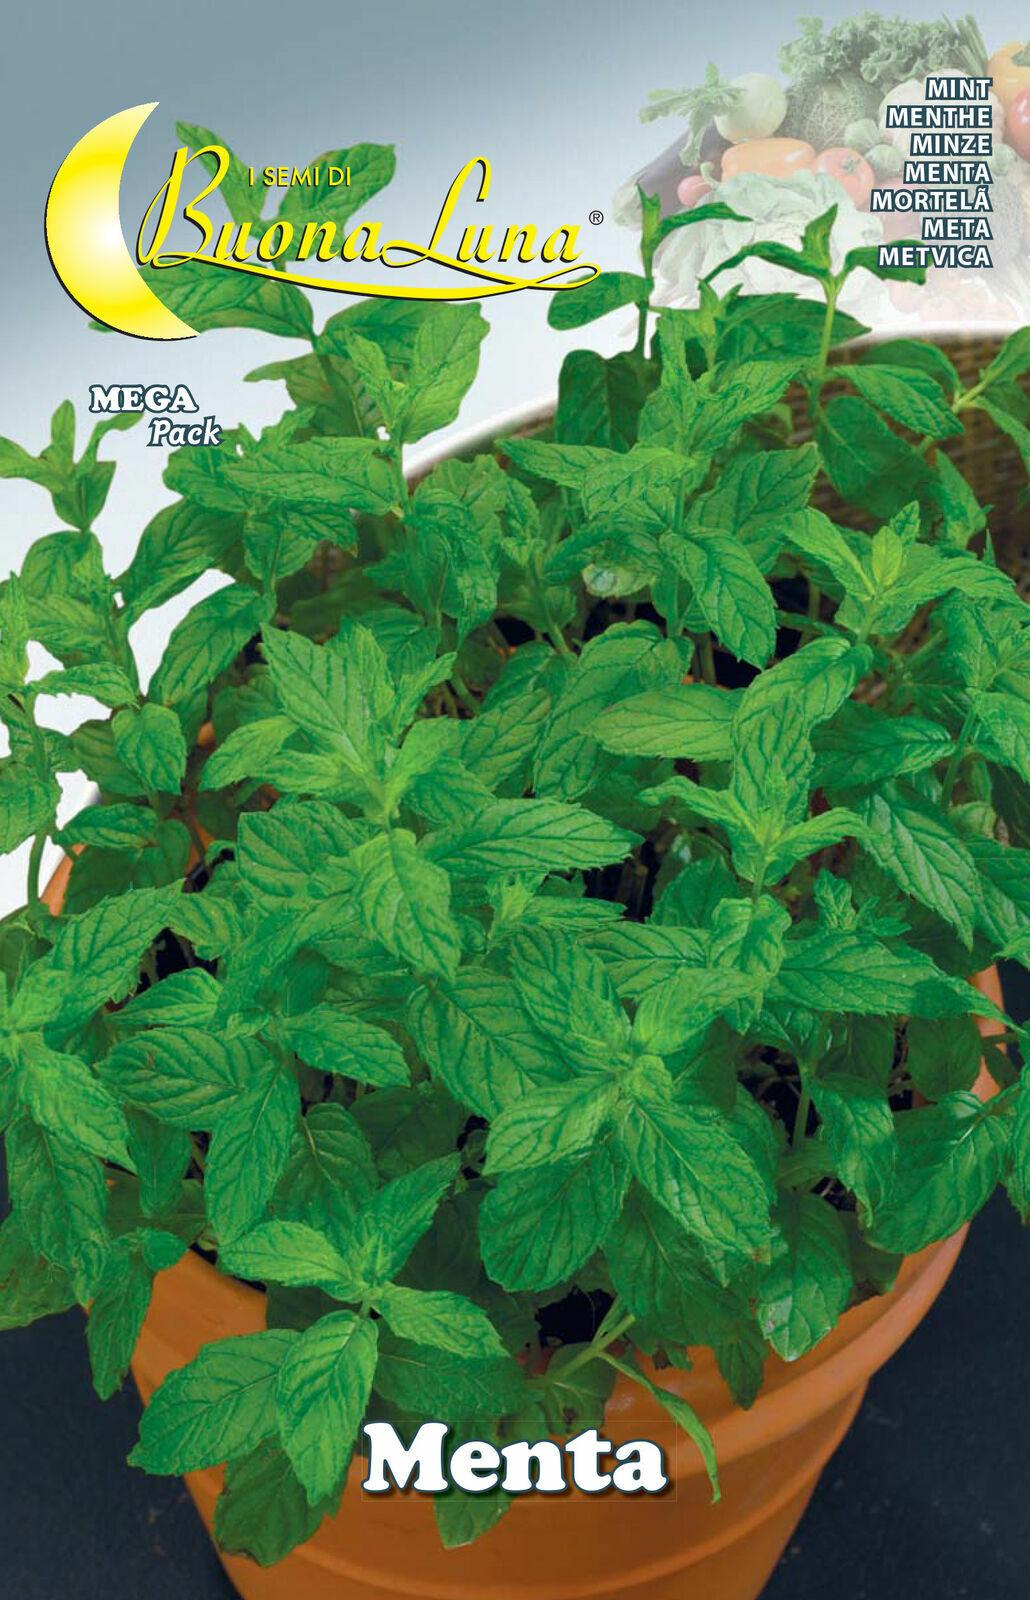 Semi menta orto pianta piantine  40 pezzi cod. 76484 giardinaggio buona luna